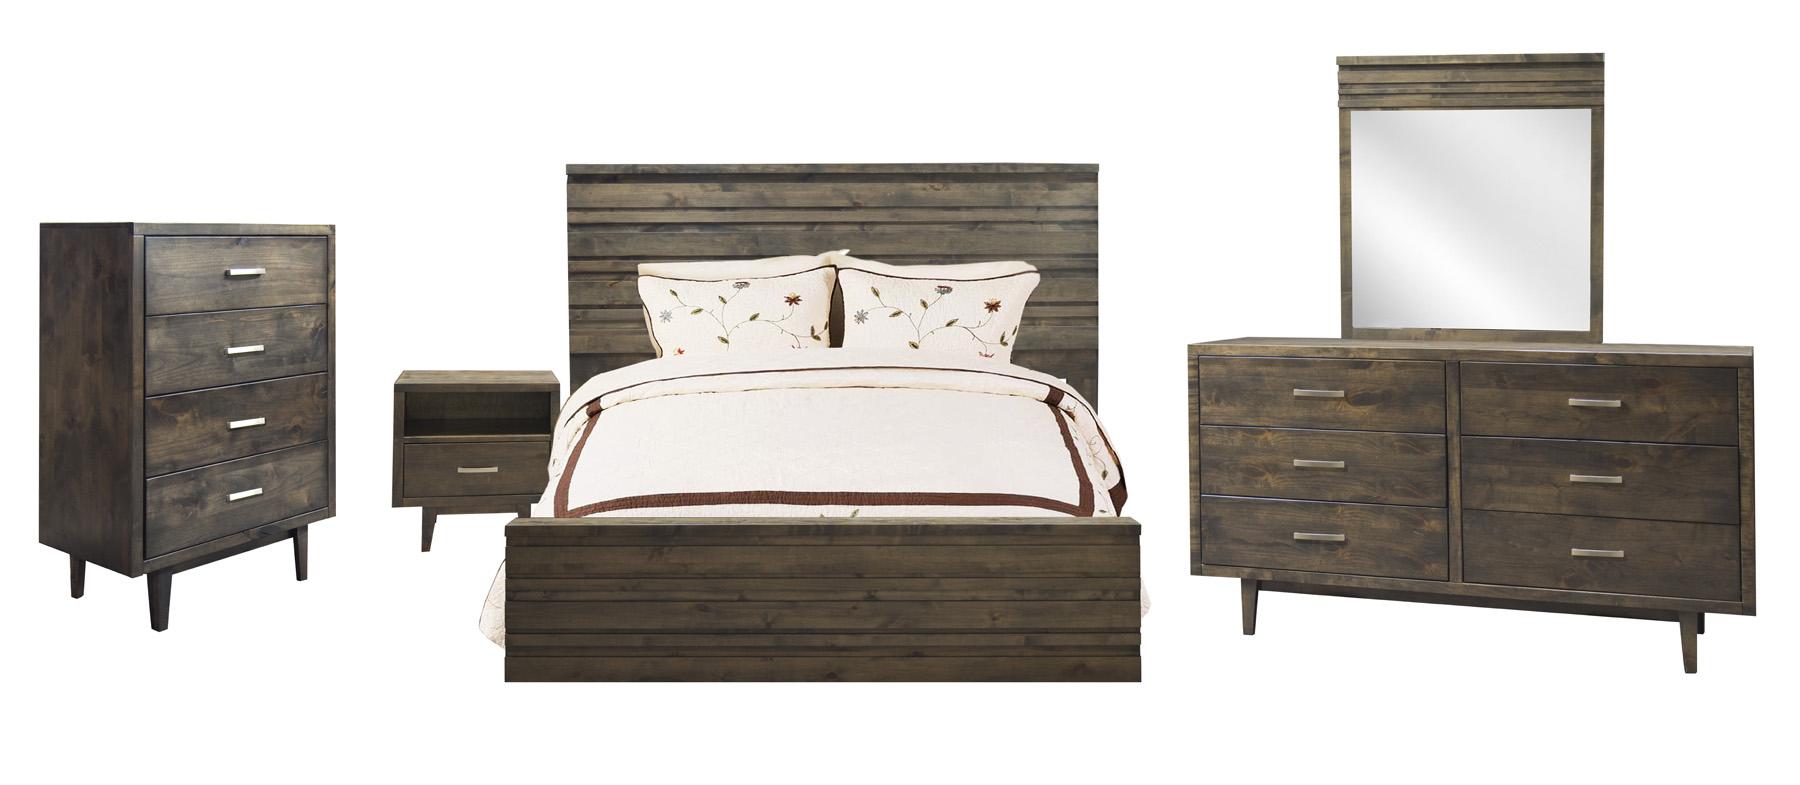 Legends Furniture Avondale Chest AV7105 CHR